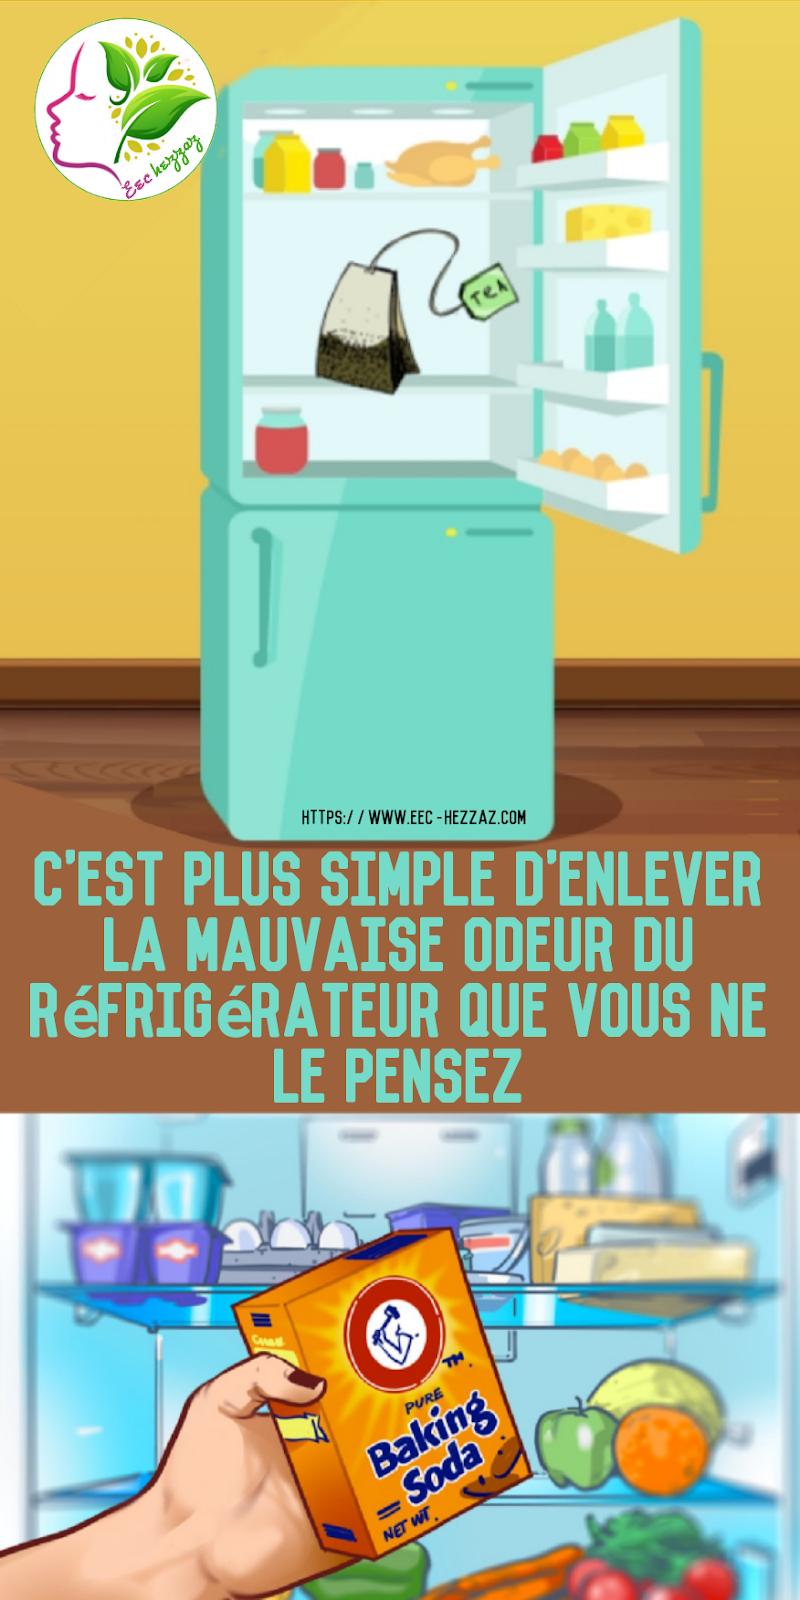 C'est plus simple d'enlever la mauvaise odeur du réfrigérateur que vous ne le pensez